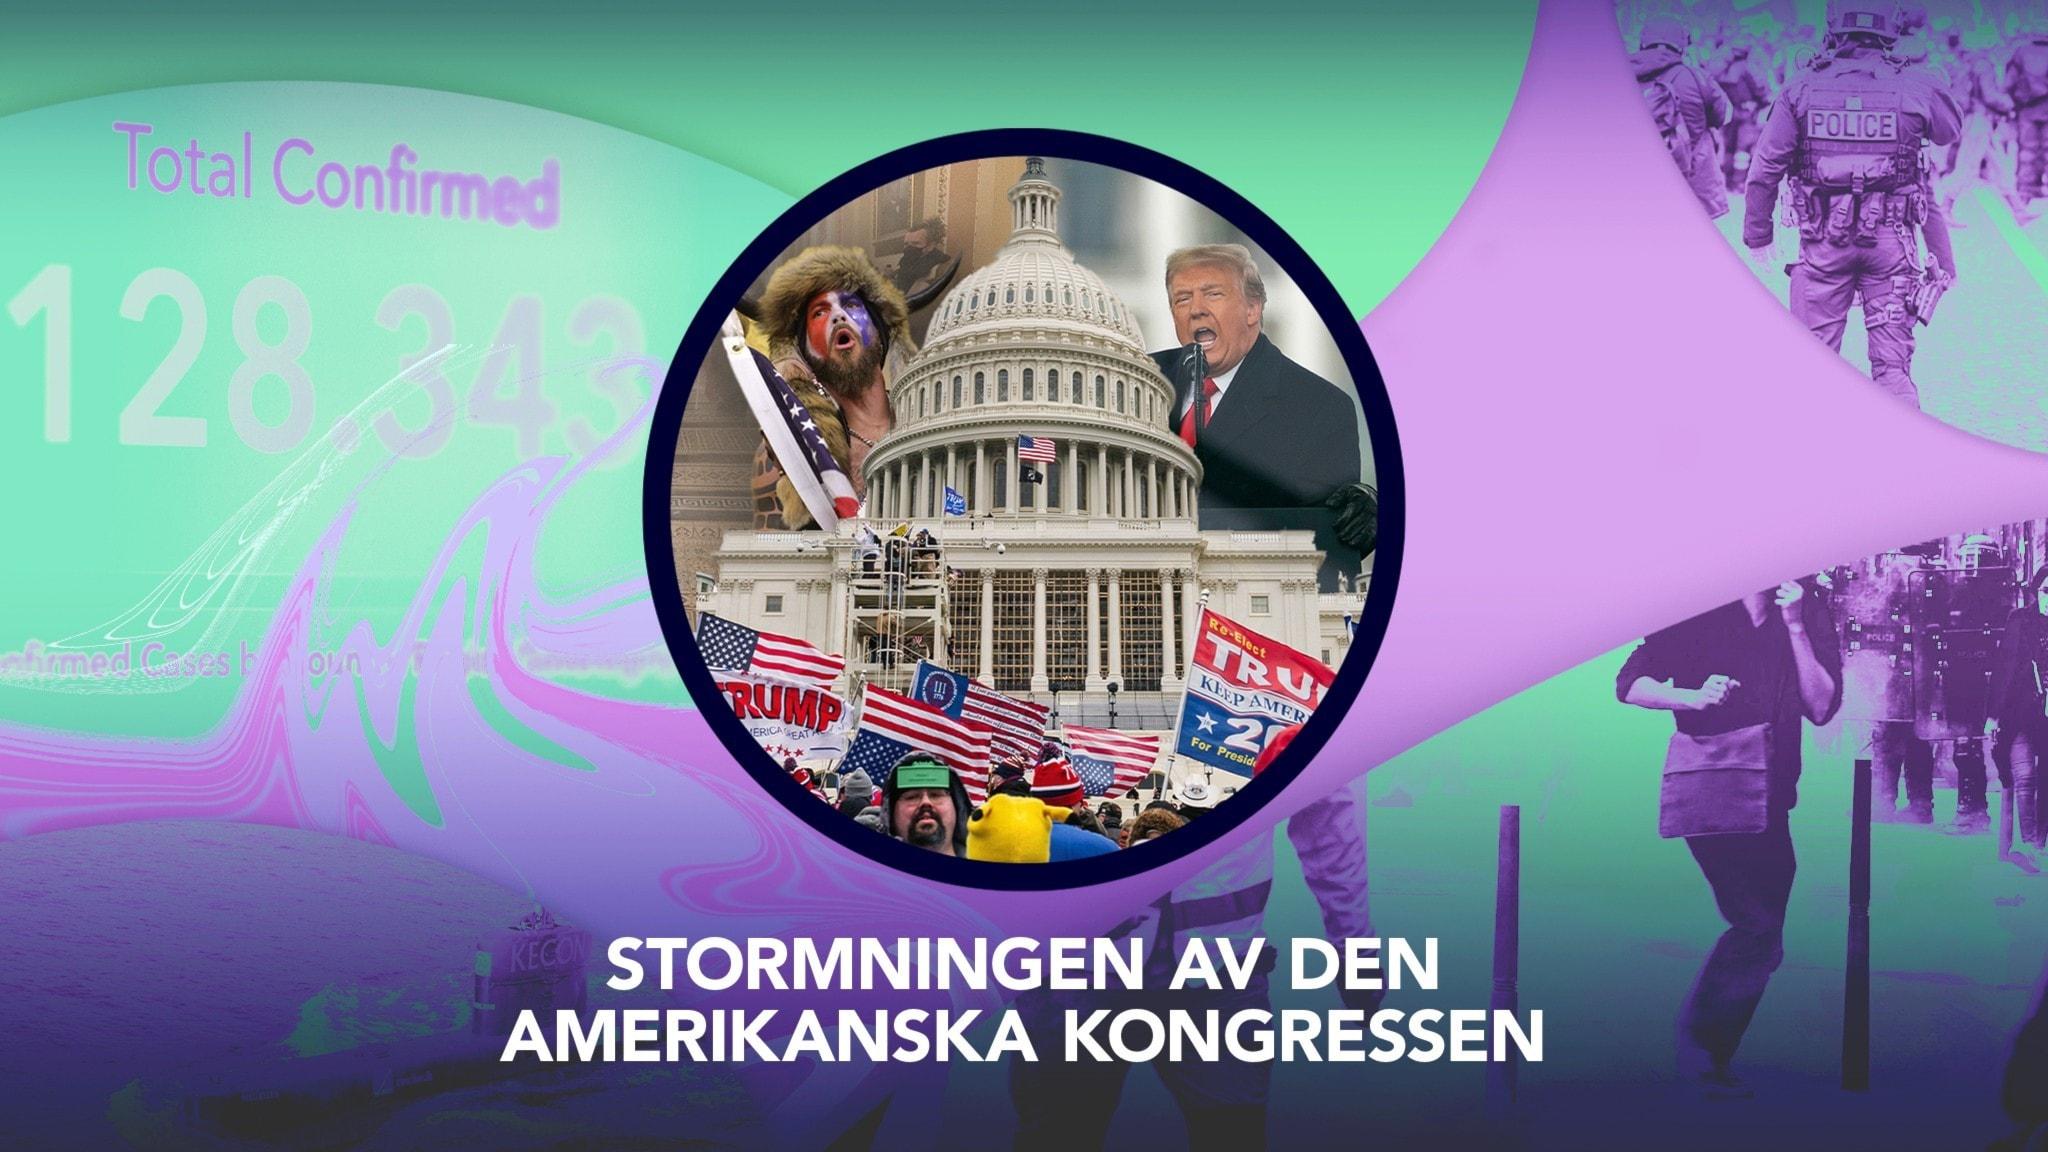 Stormningen av den amerikanska kongressen – P3 Nyheter Dokumentär